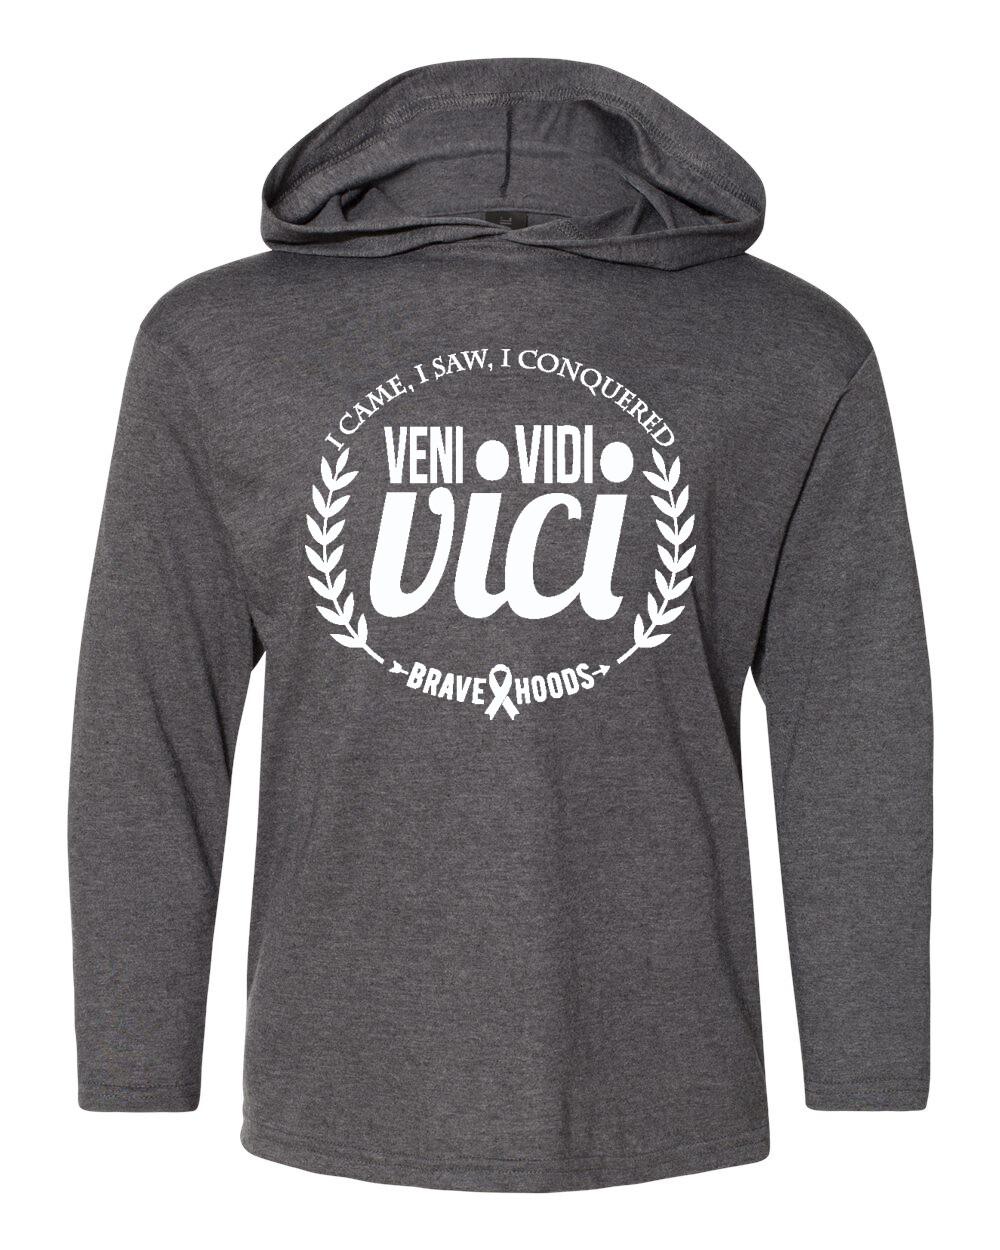 VVV Hoodie - Kids Pullover